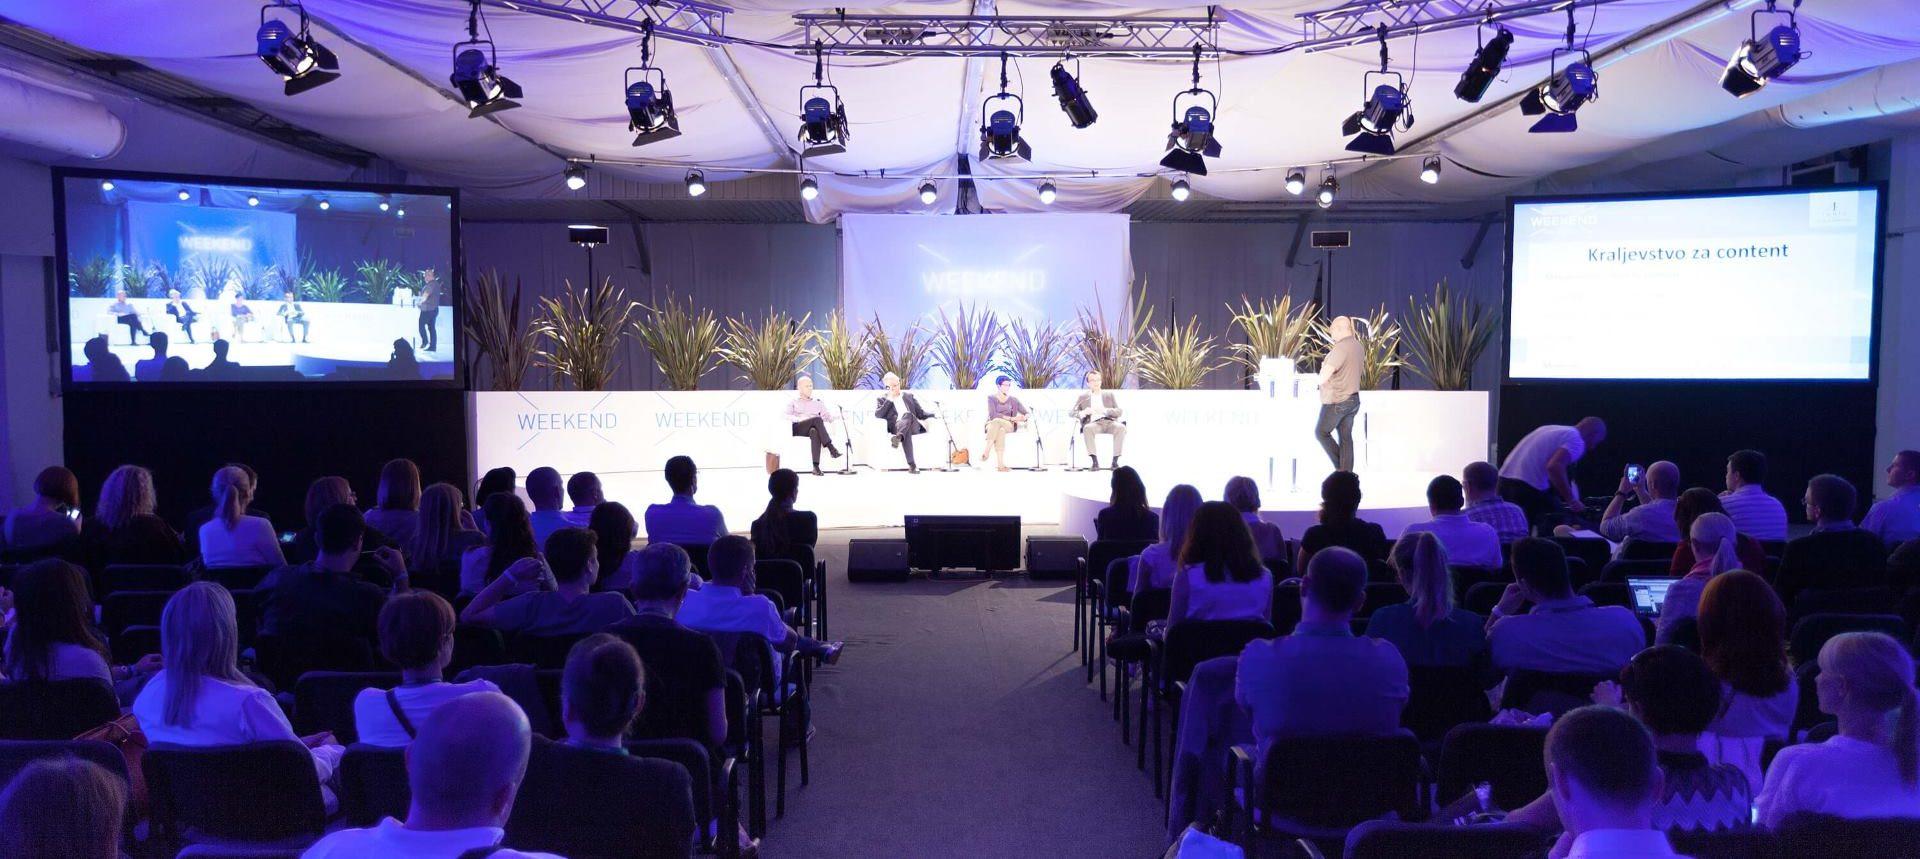 Partneri ovogodišnjeg Weekend Media Festivala su Njemačka i Francuska